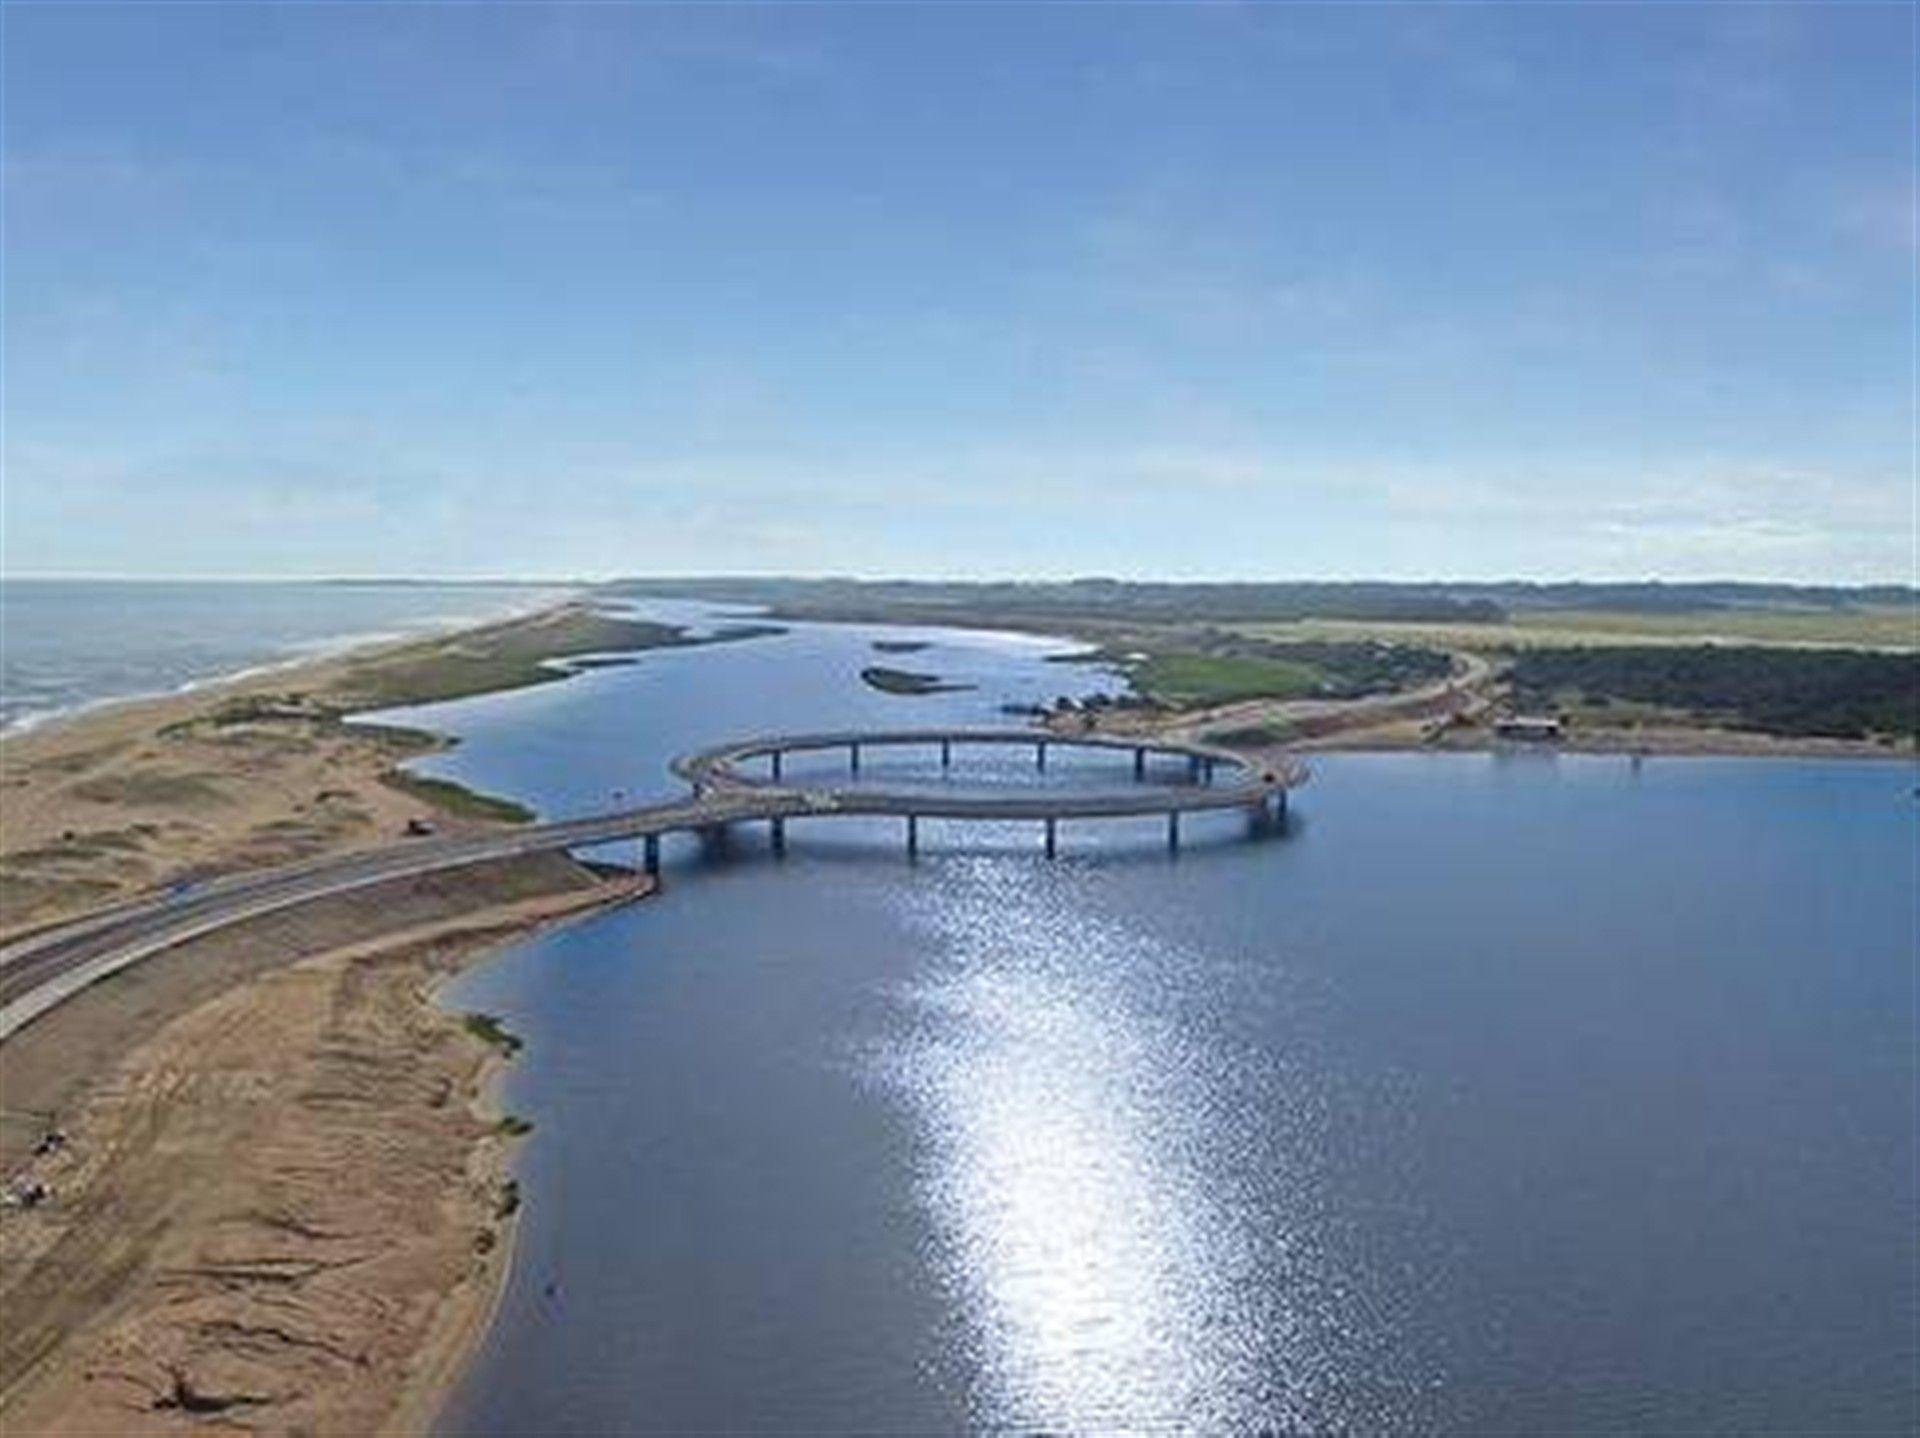 Arquitetura - Uruguai tem uma ponte redonda. Para ver as vistas